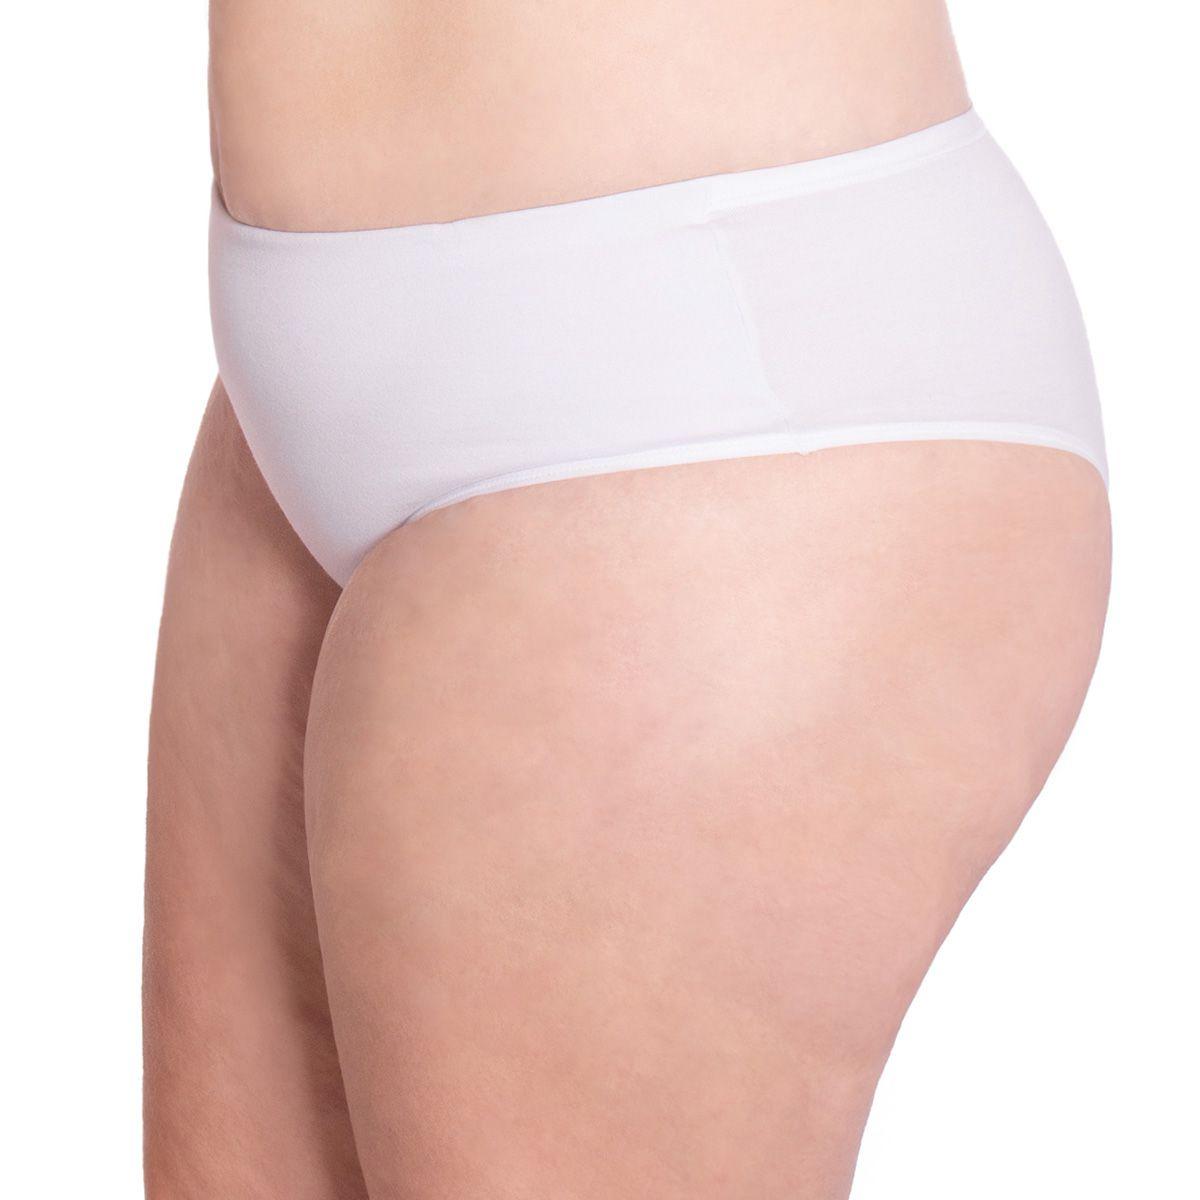 Calcinha cintura alta com tecido duplo de algodão coleção GLOSS Econfort